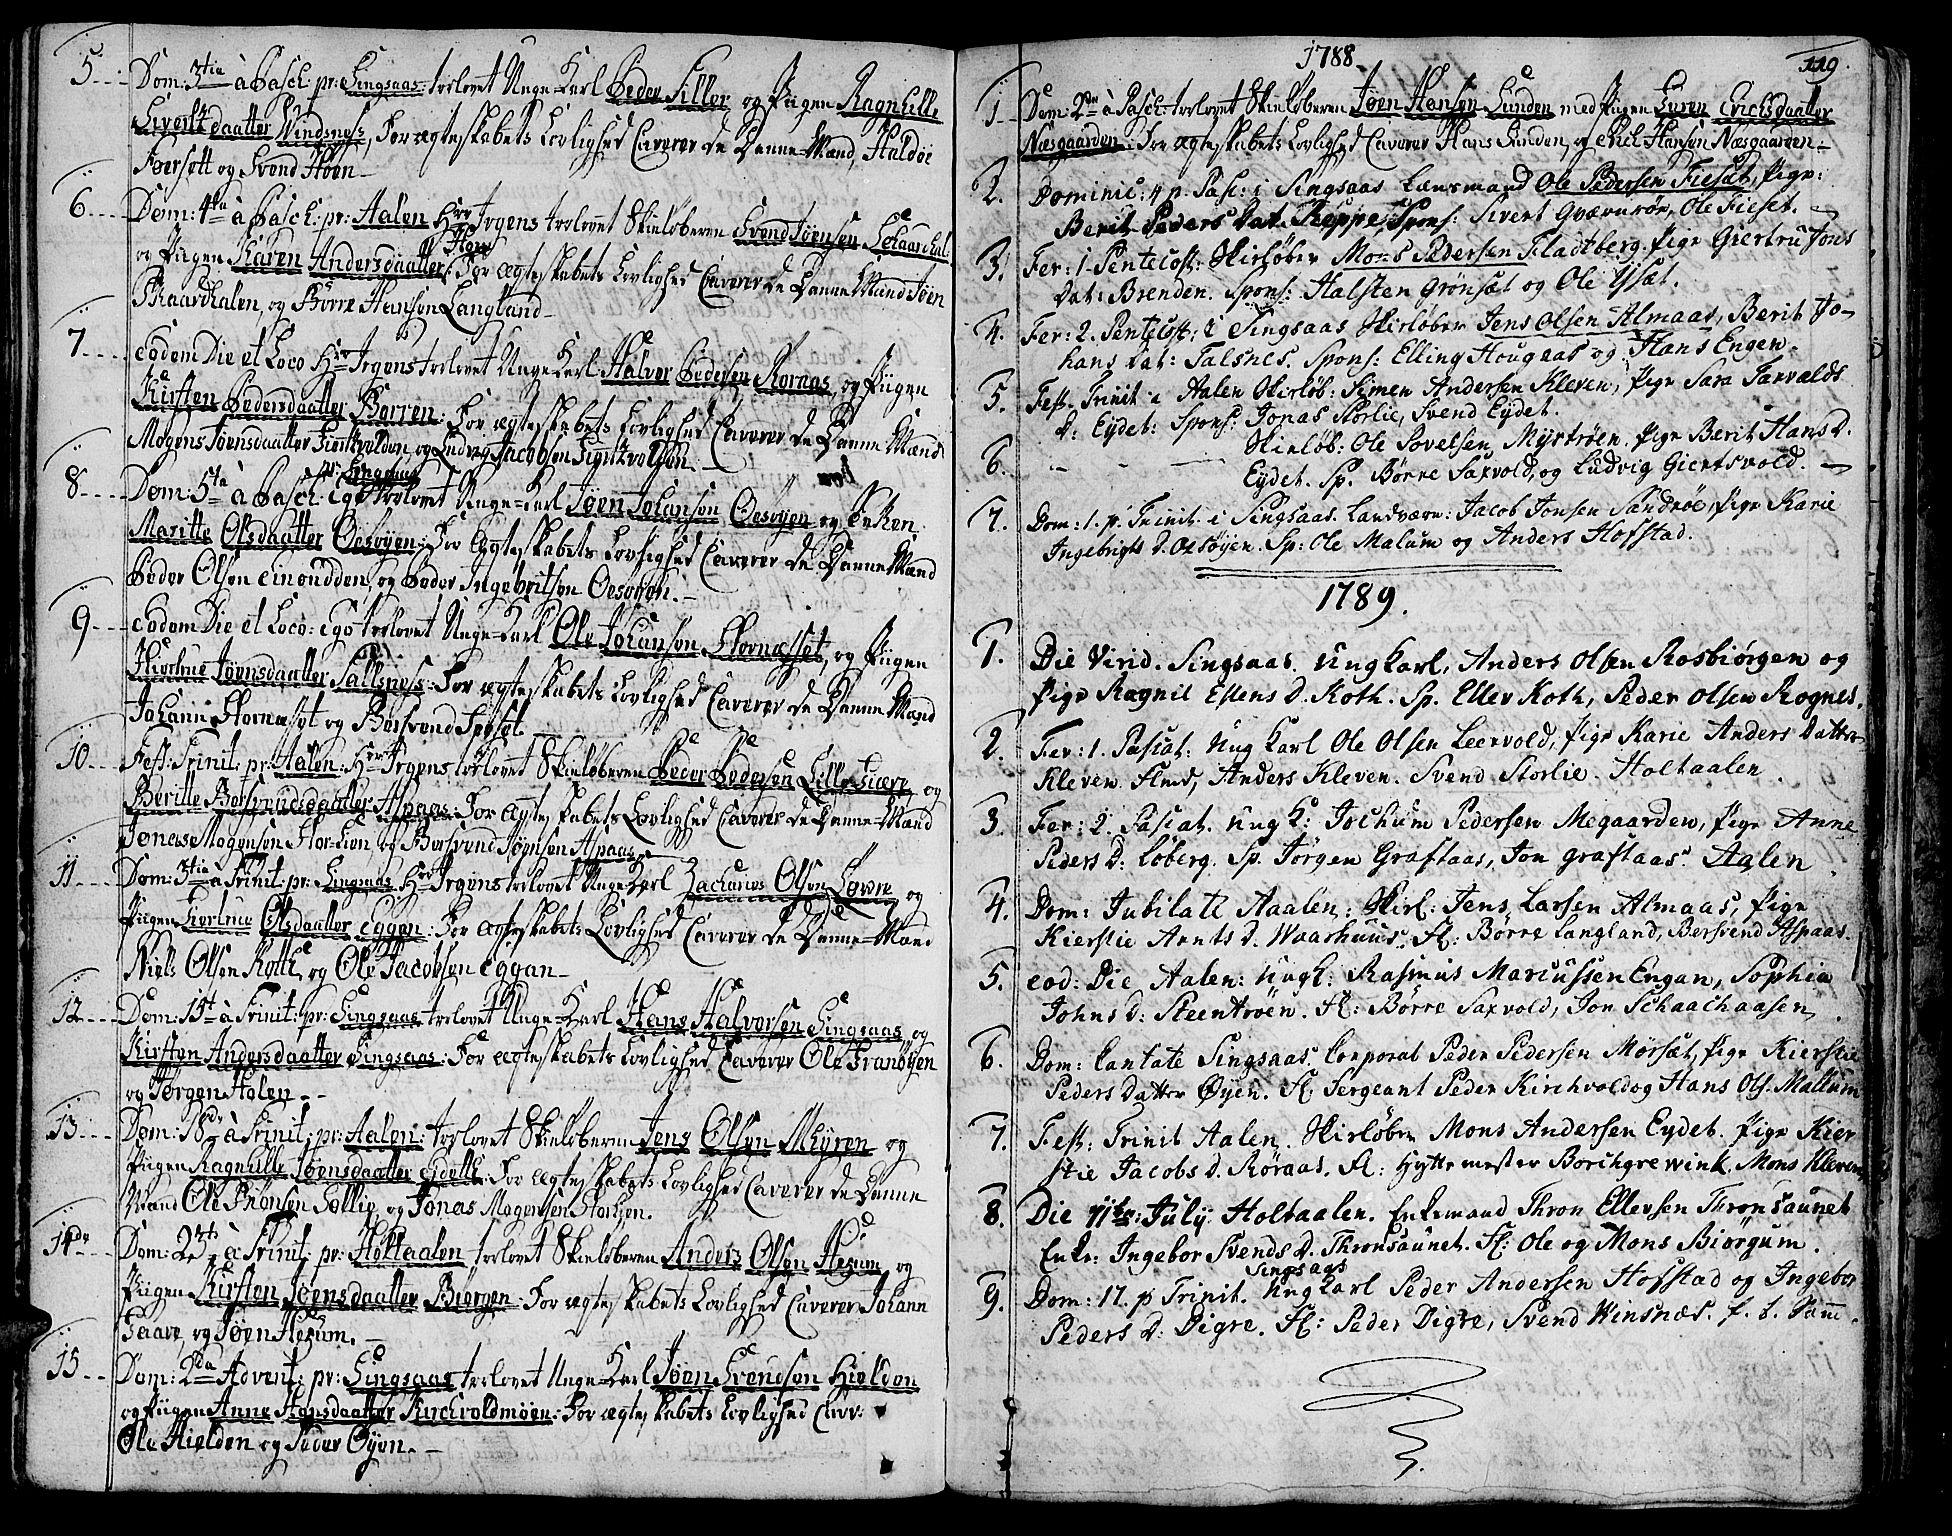 SAT, Ministerialprotokoller, klokkerbøker og fødselsregistre - Sør-Trøndelag, 685/L0952: Ministerialbok nr. 685A01, 1745-1804, s. 119